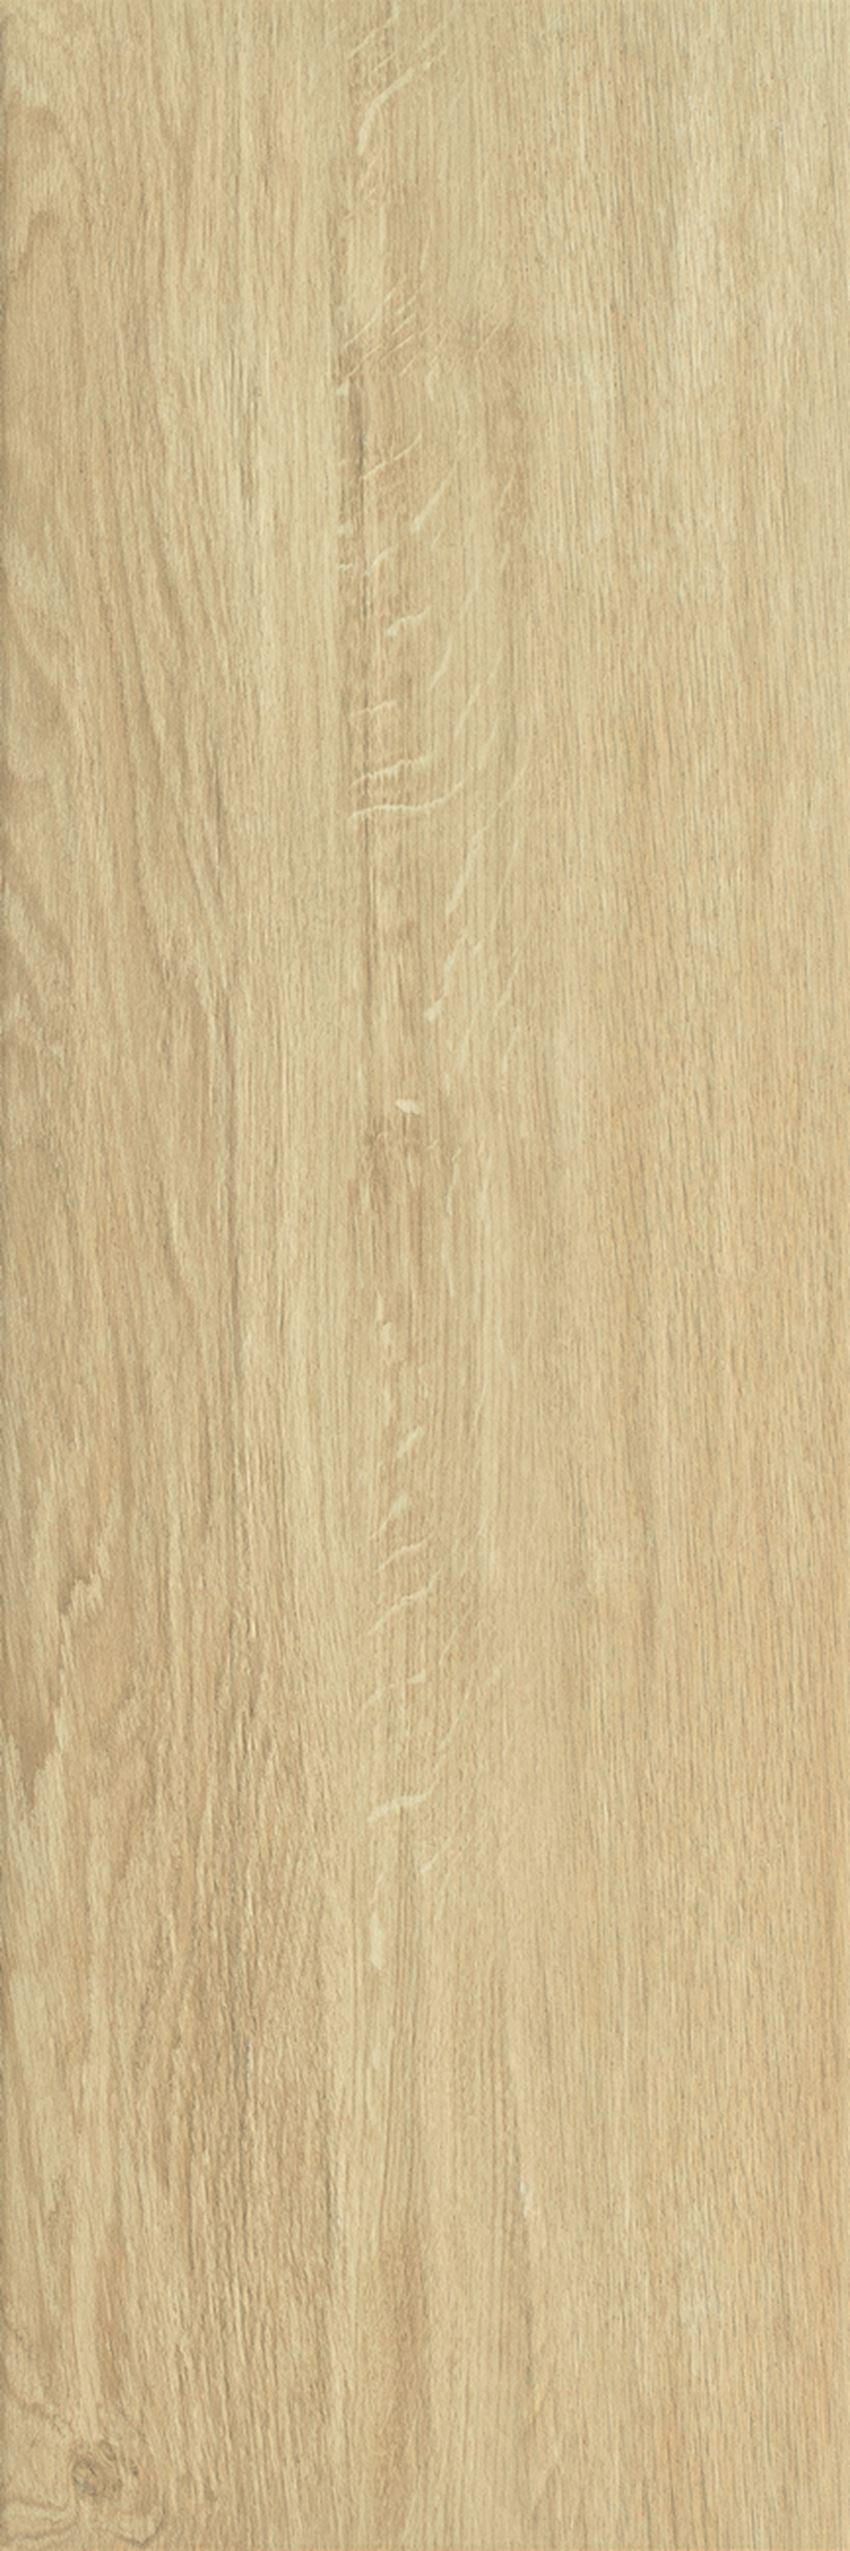 Płytka ścienno-podłogowa 20x60 cm Paradyż Wood Basic Beige Gres Szkl.